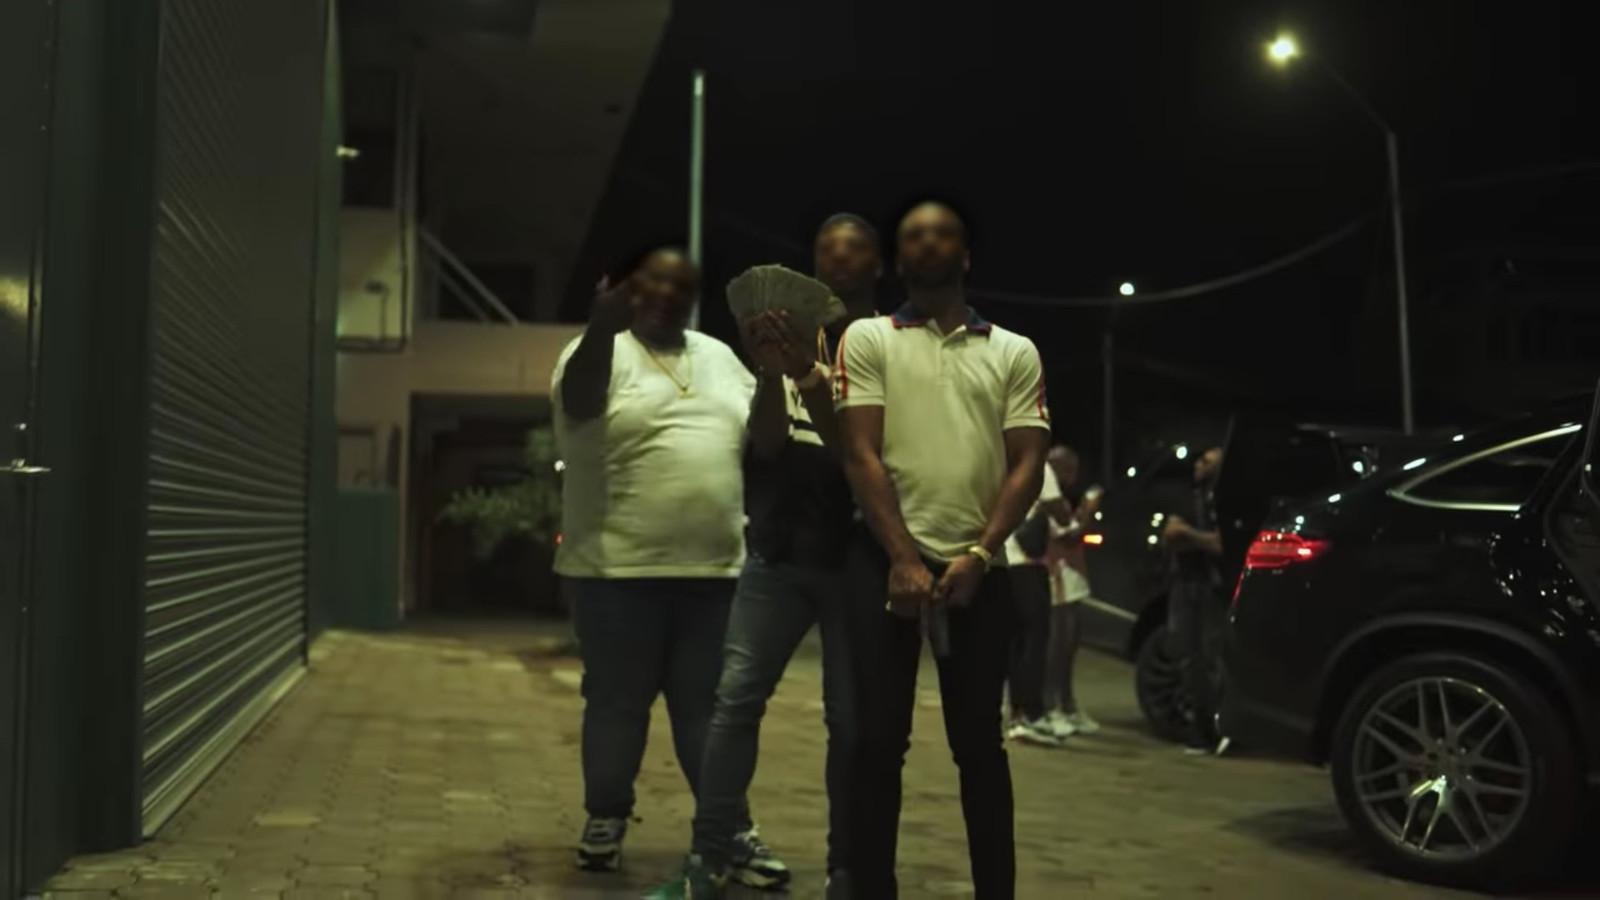 Still uit de video 'Amiri' van JoeyAK (midden).